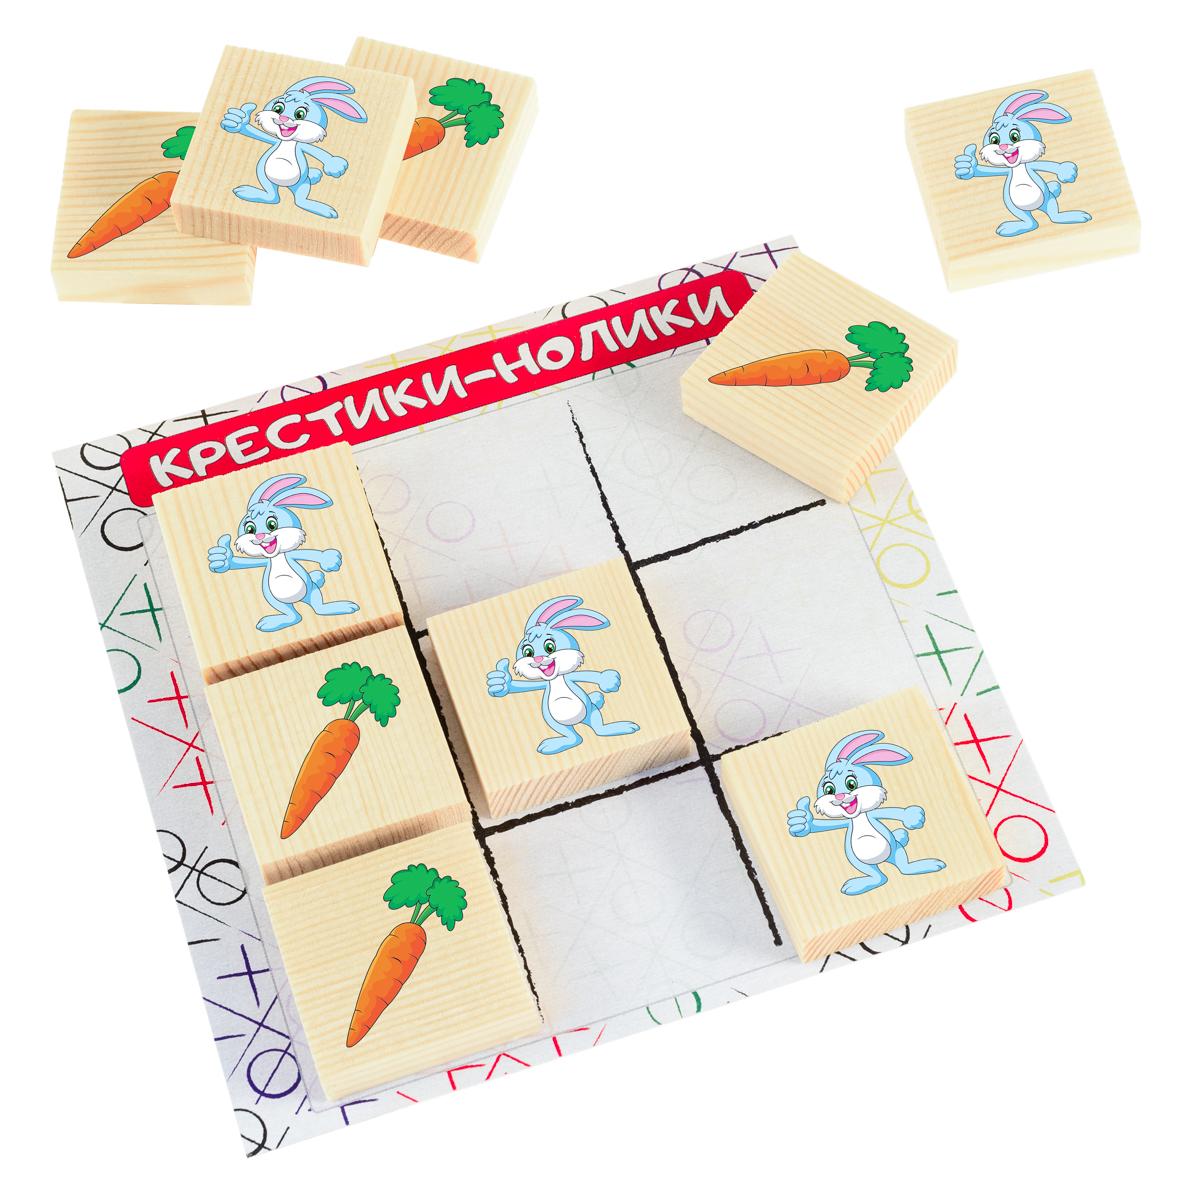 Развивающие деревянные игрушки Обучающая игра Крестики-нолики Зайчик и морковка развивающие деревянные игрушки обучающая игра крестики нолики классика